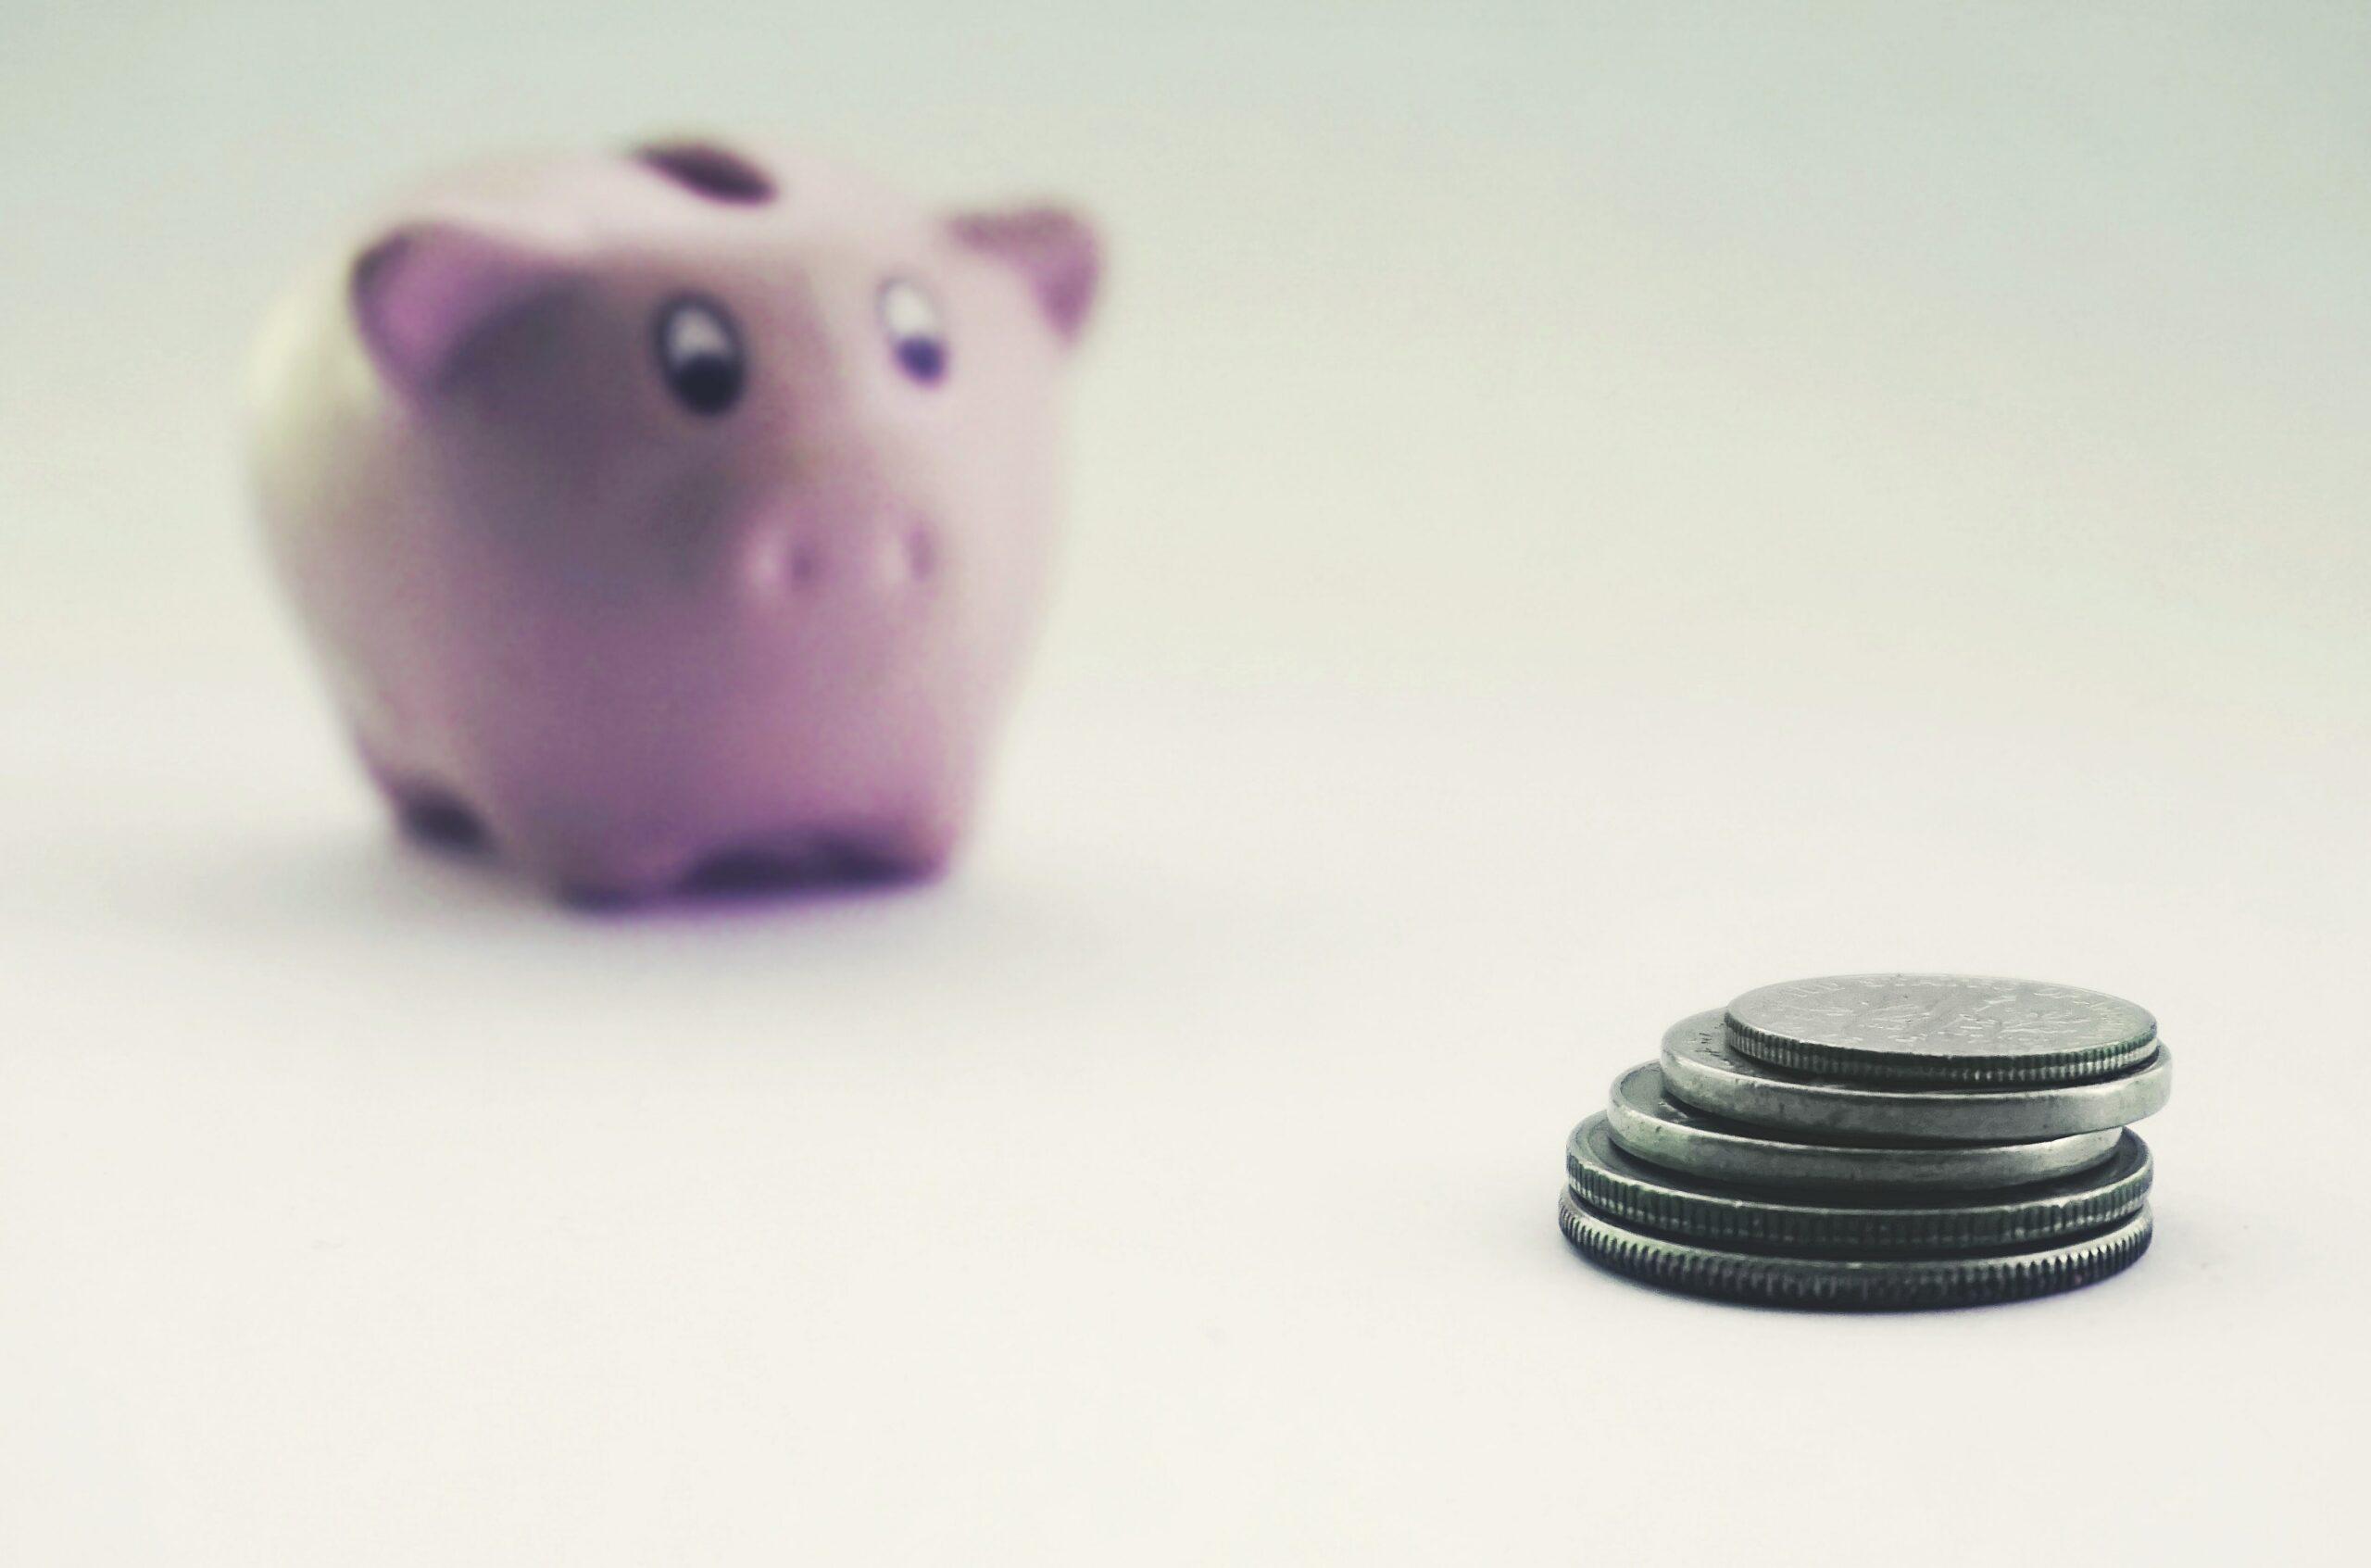 Кредит на велику суму